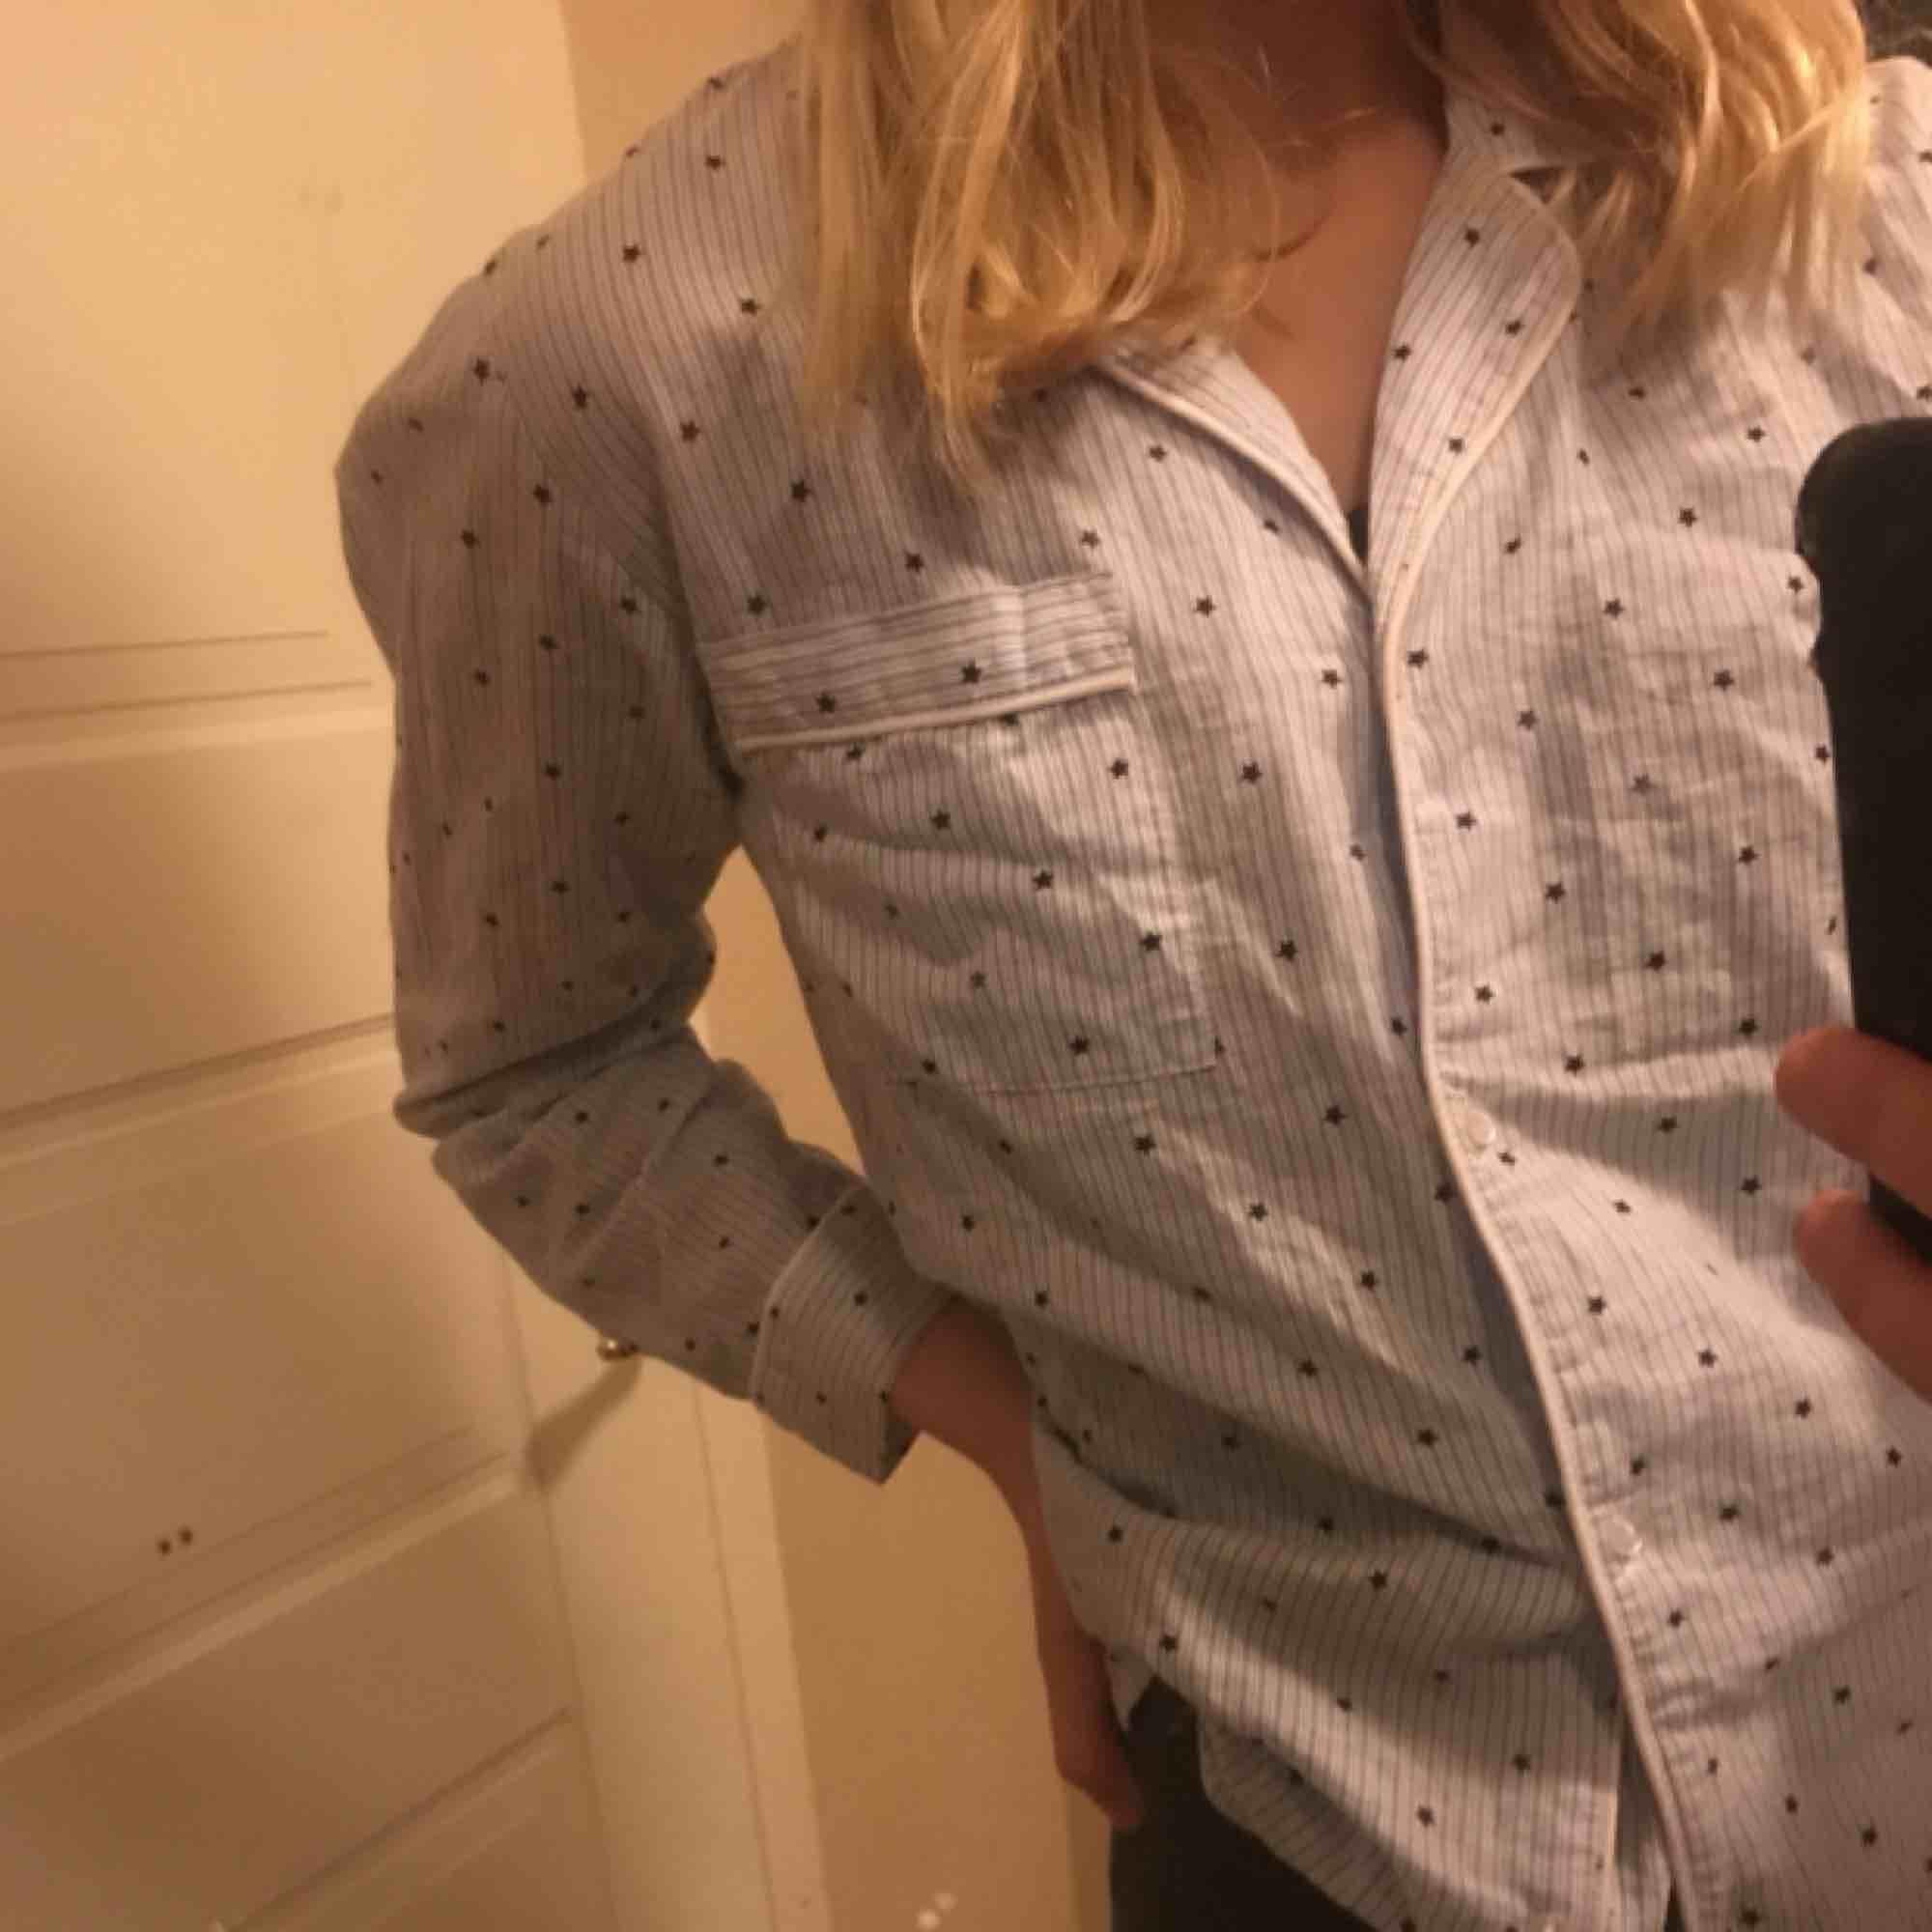 Såå snygg skjorta med stjärnor⭐️⭐️⭐️⚡️⚡️Perfekt till fest eller med en tröja över🤭🤭⚡️😜. Blusar.